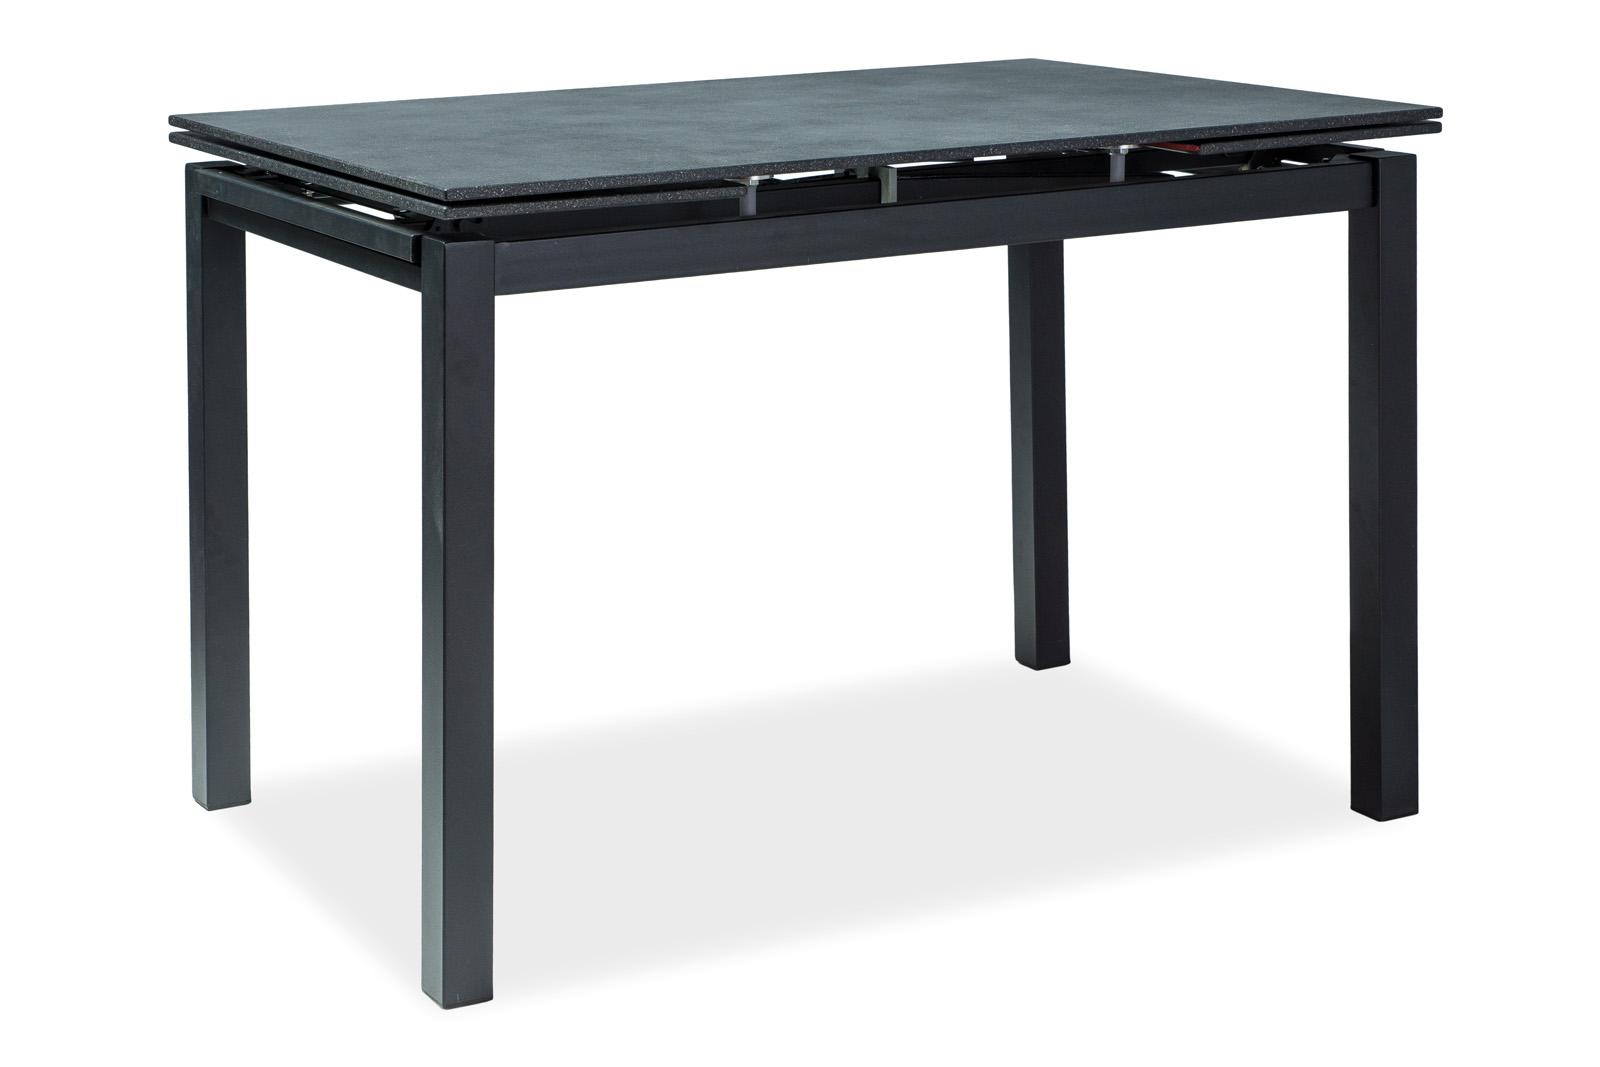 Masa extensibila din sticla Turin Black, L110-170xl70xh76 cm